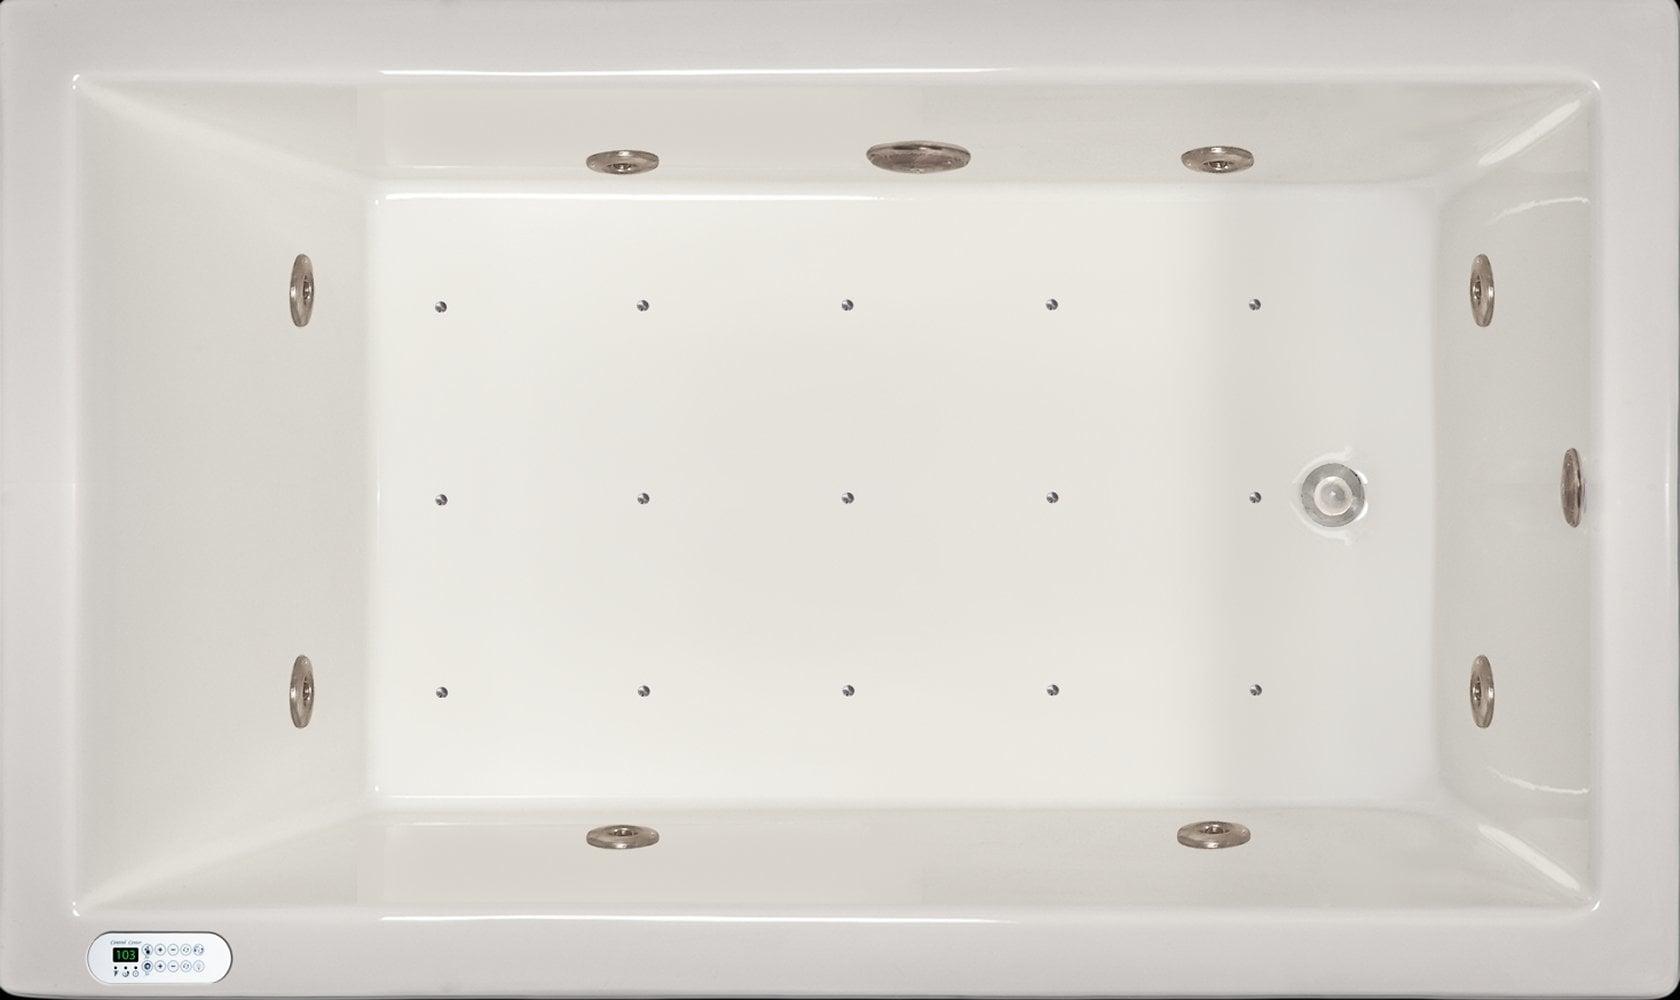 Drop-in Bathtub / 59.5x35.5x19 / high gloss white acrylic / Rectangle / LPI18-C-RD Pinnacle Bath - Air/Whirlpool Combo 0